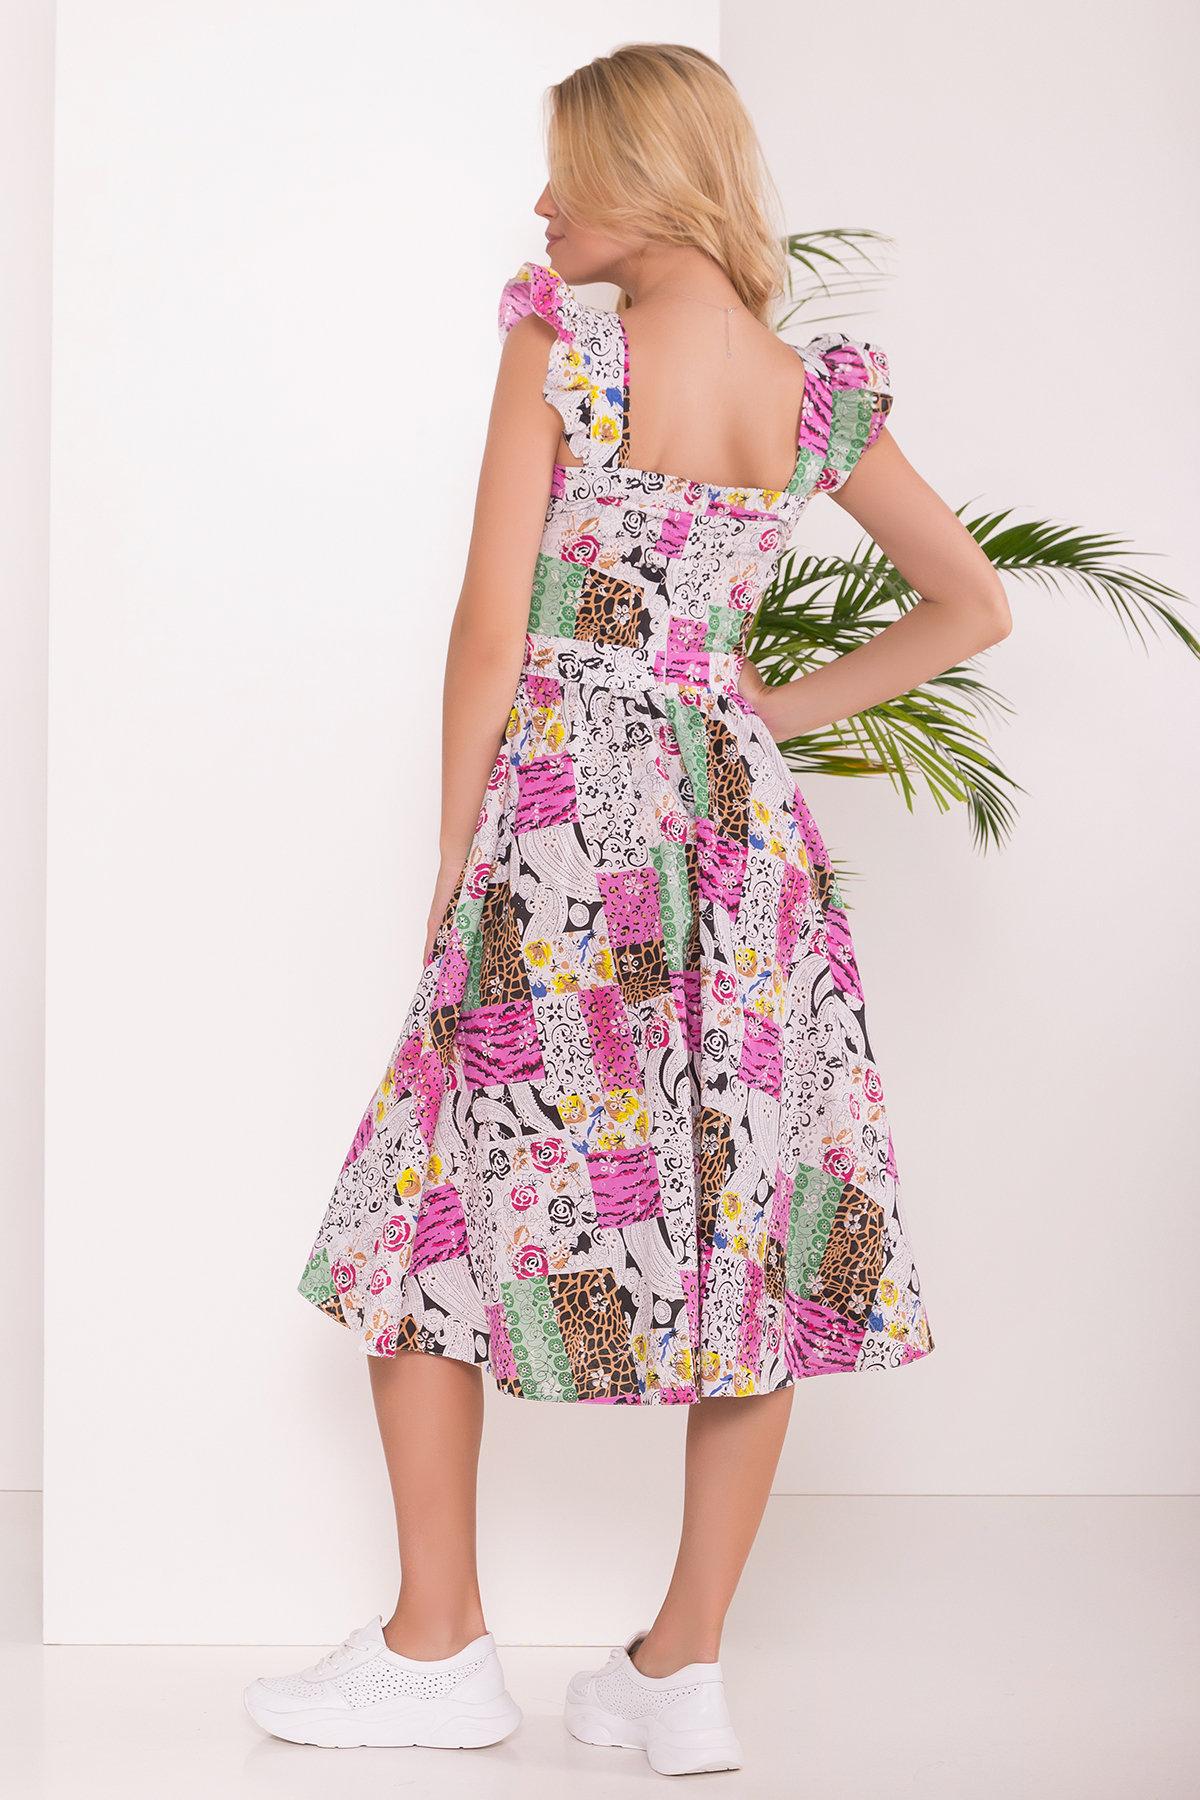 Платье ниже колена Ундина 7628 АРТ. 43551 Цвет: Жираф - фото 2, интернет магазин tm-modus.ru